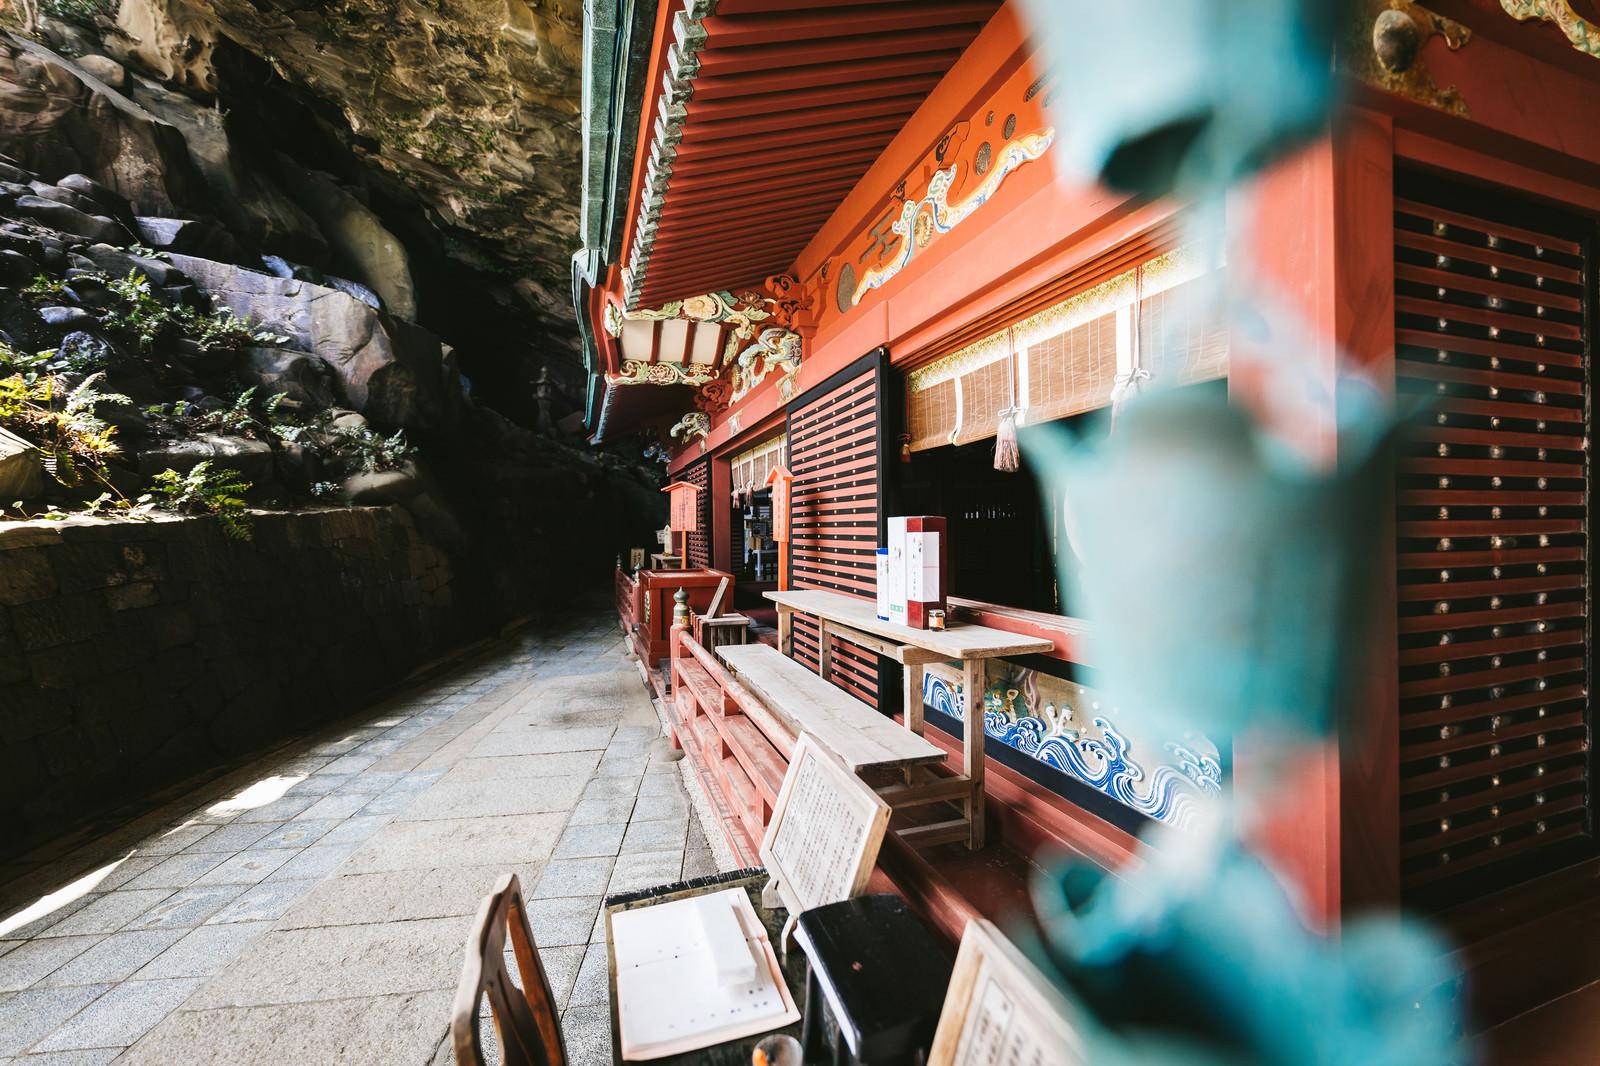 「鵜戸神宮の神殿後ろに入り込む岩窟小道」の写真